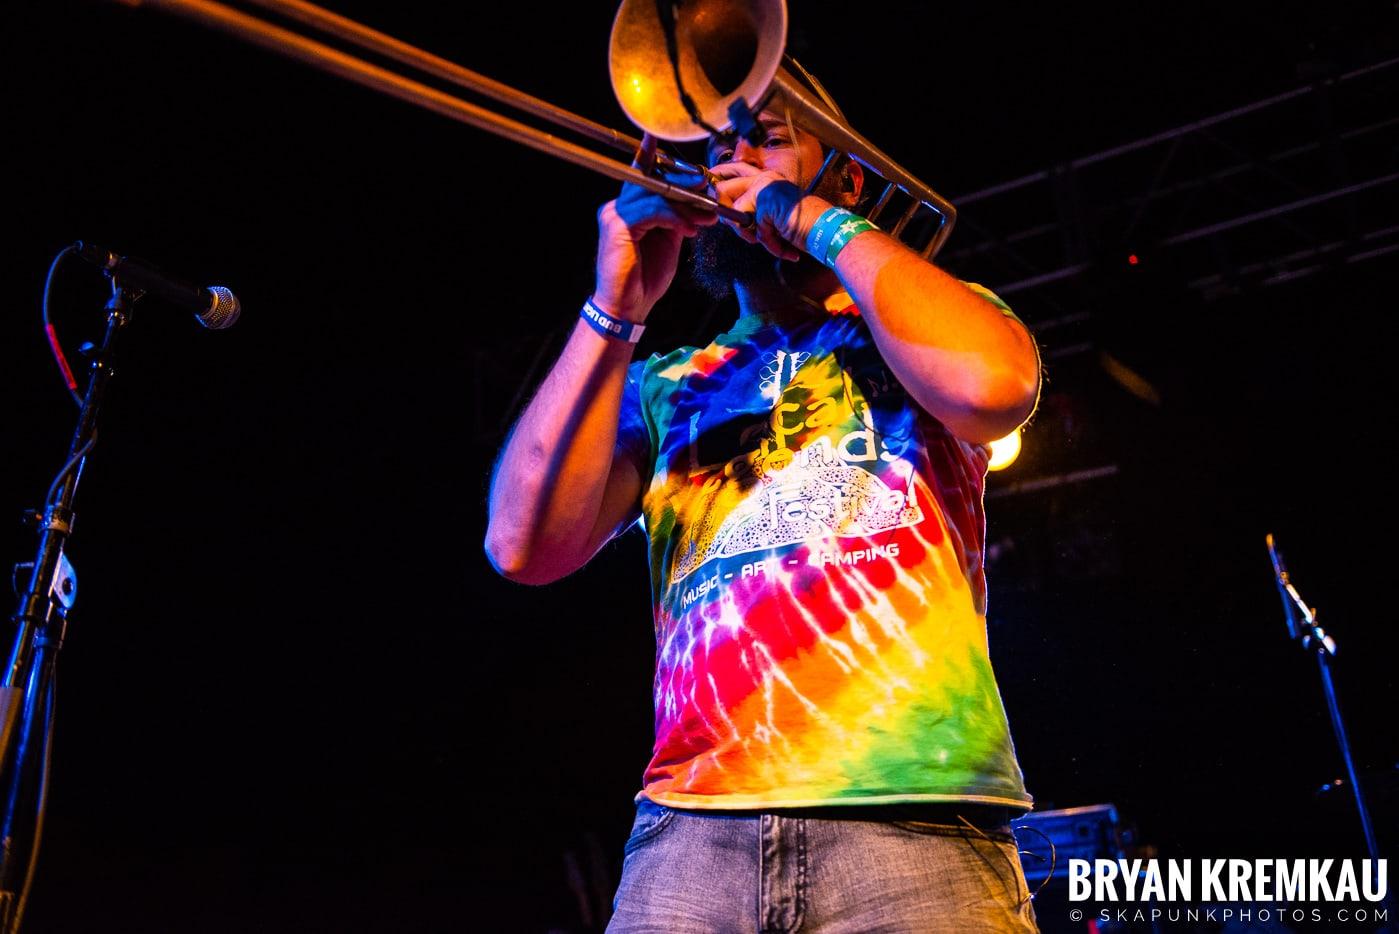 Backyard Superheroes @ Skanksgiving, Starland Ballroom, Sayreville, NJ - 11.30.19 (48)